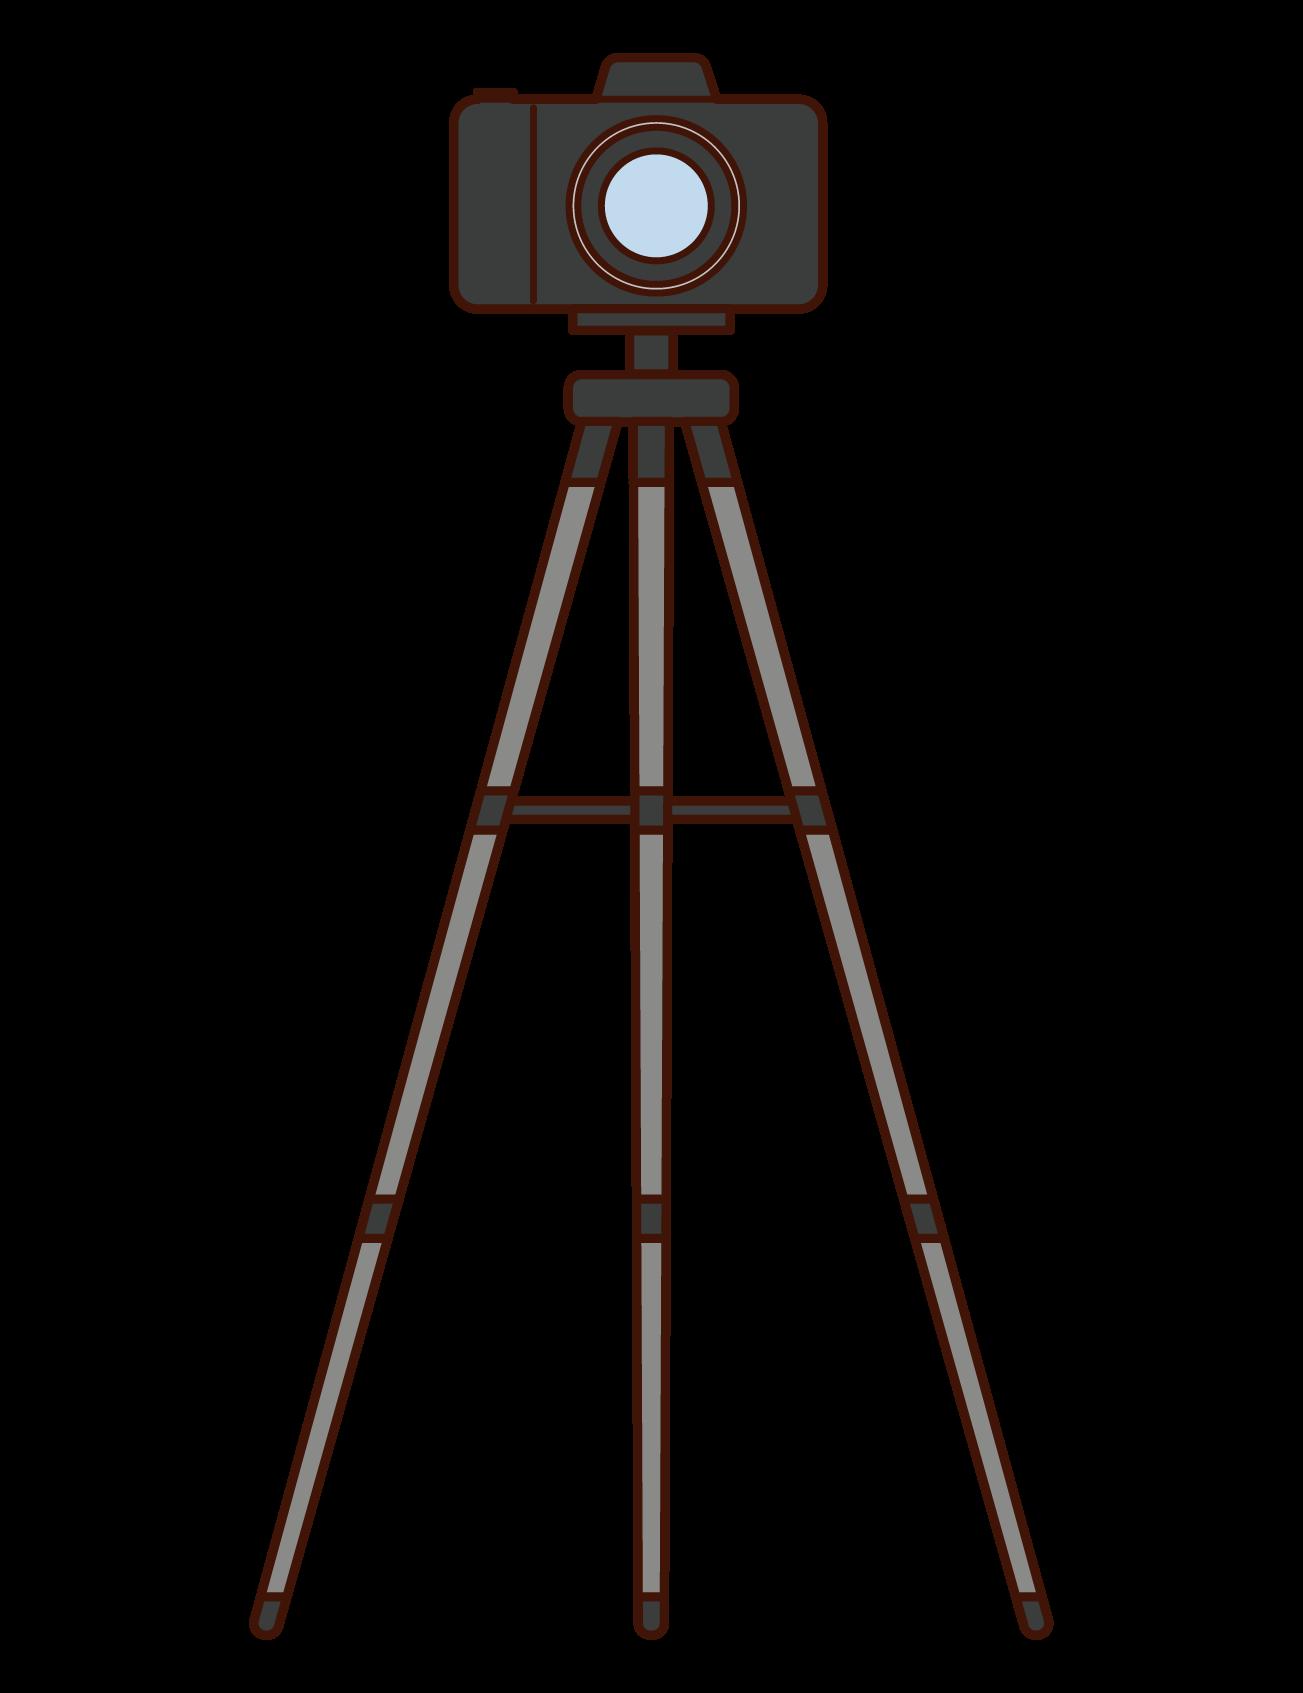 삼각대 및 카메라 일러스트레이션